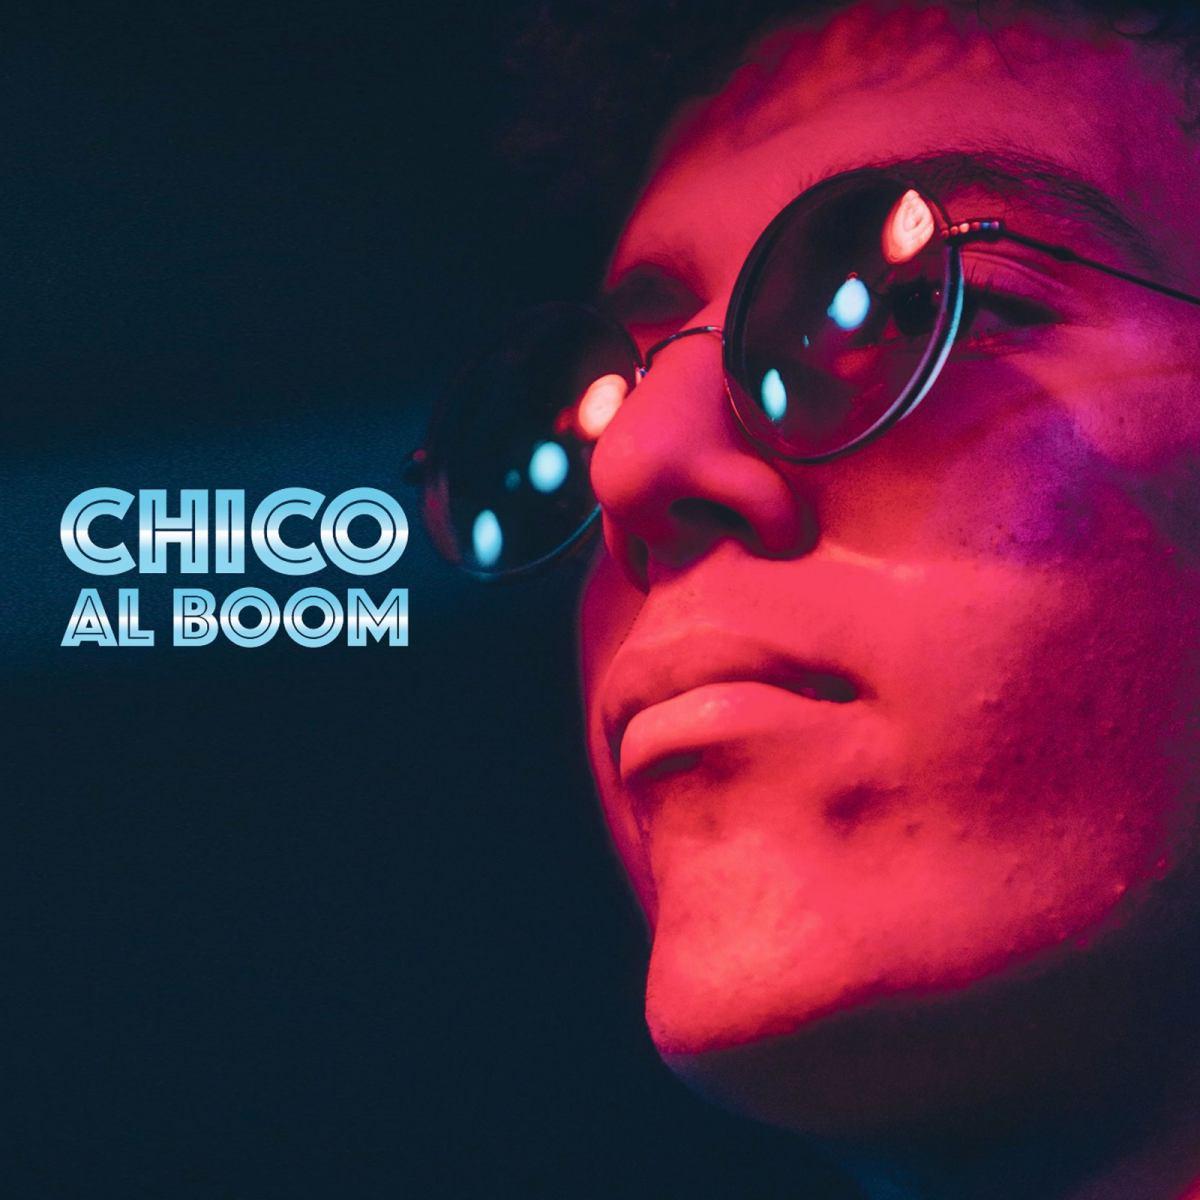 Chico 02 2020